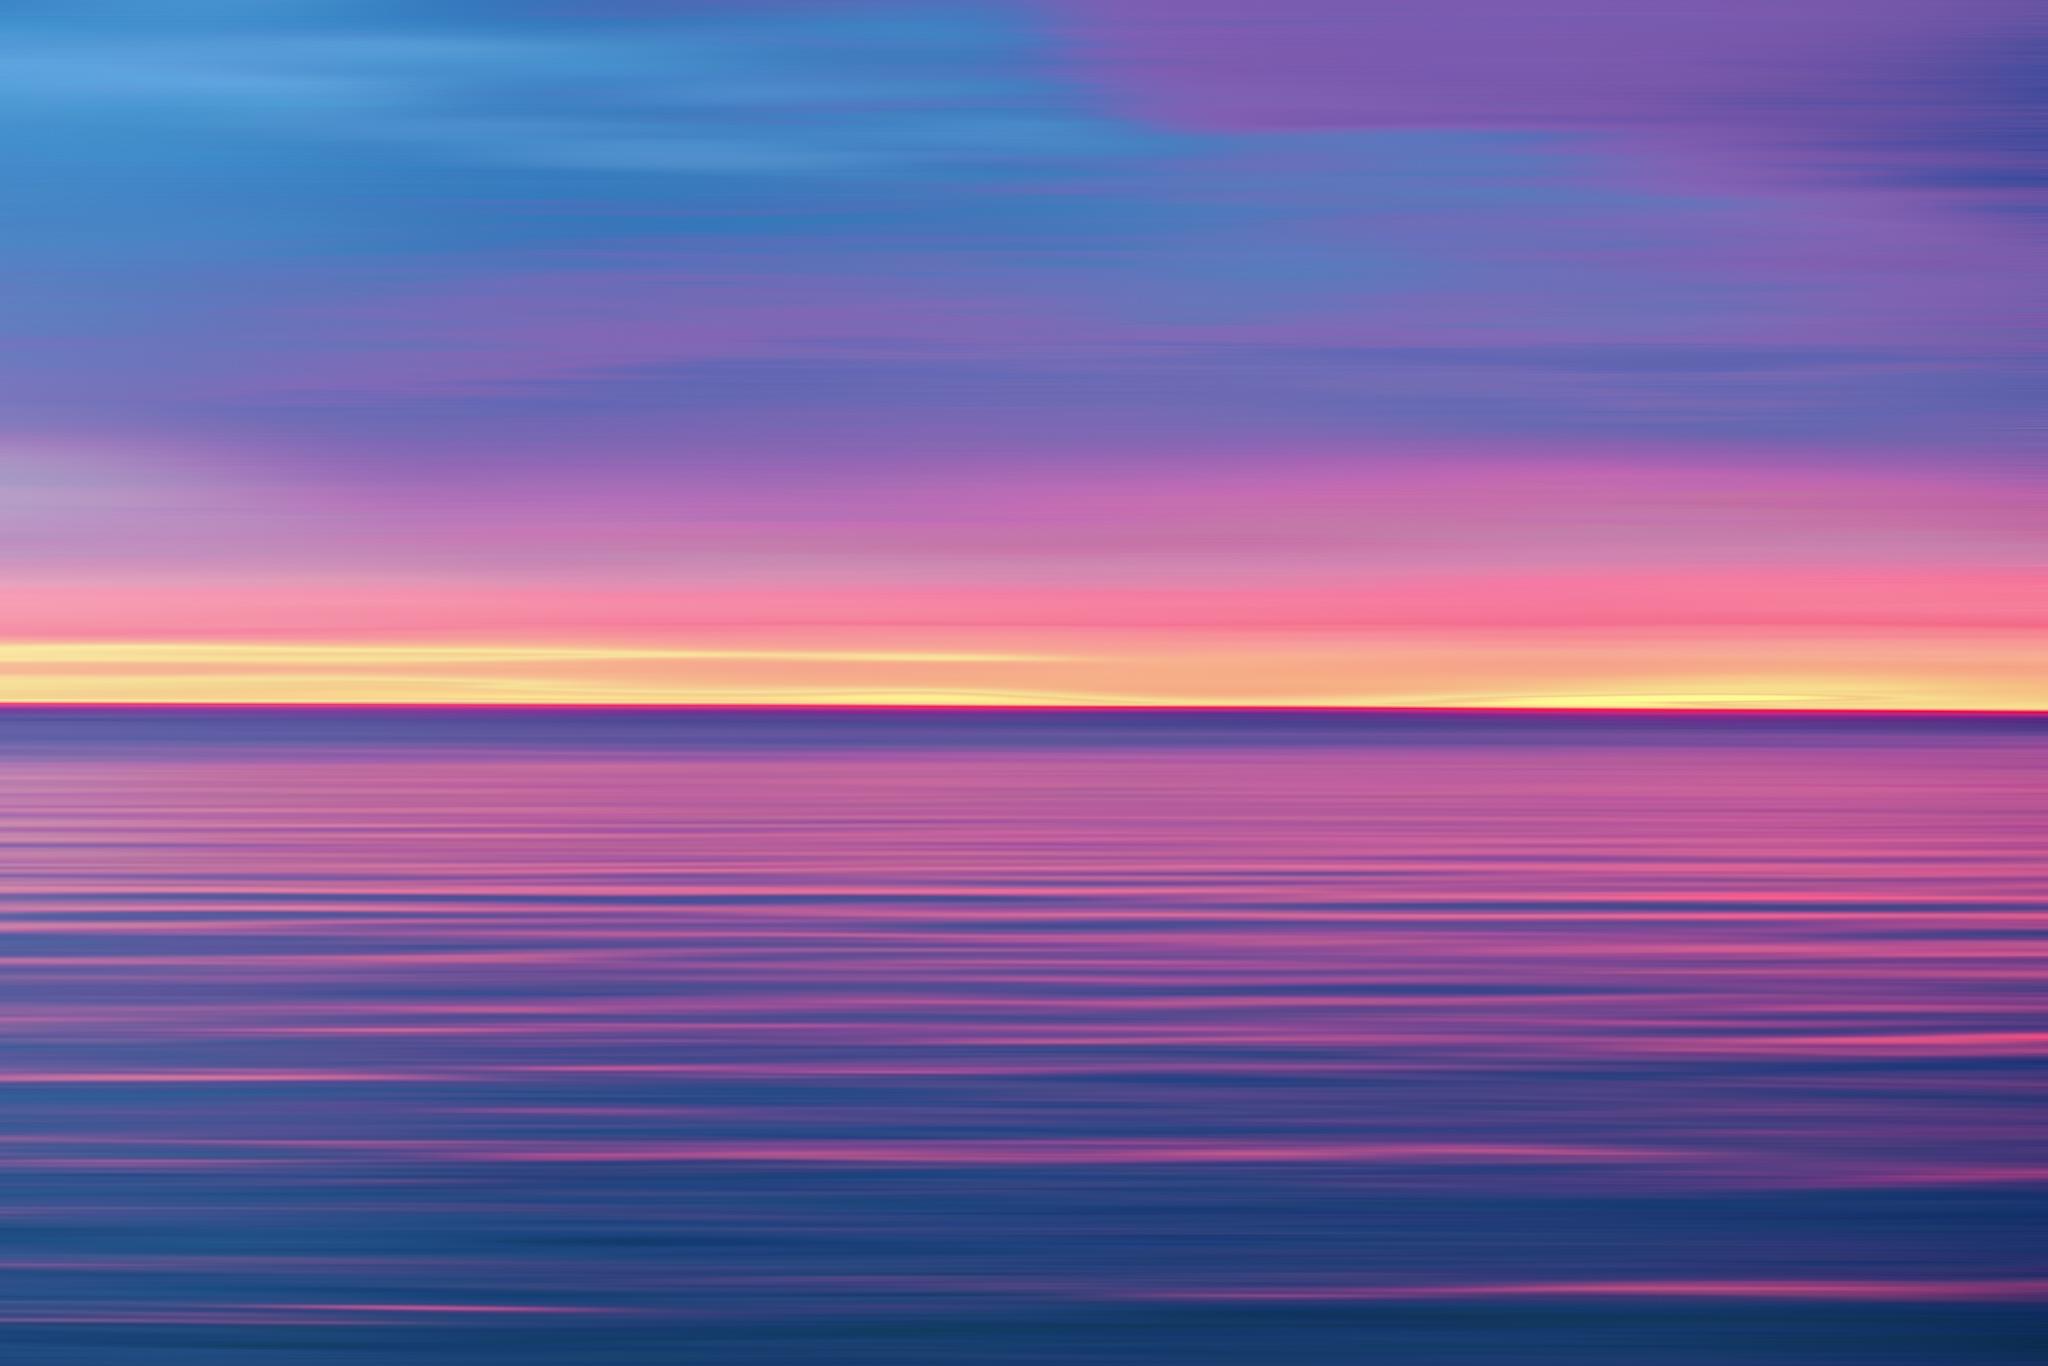 horizon (1 of 2).jpg